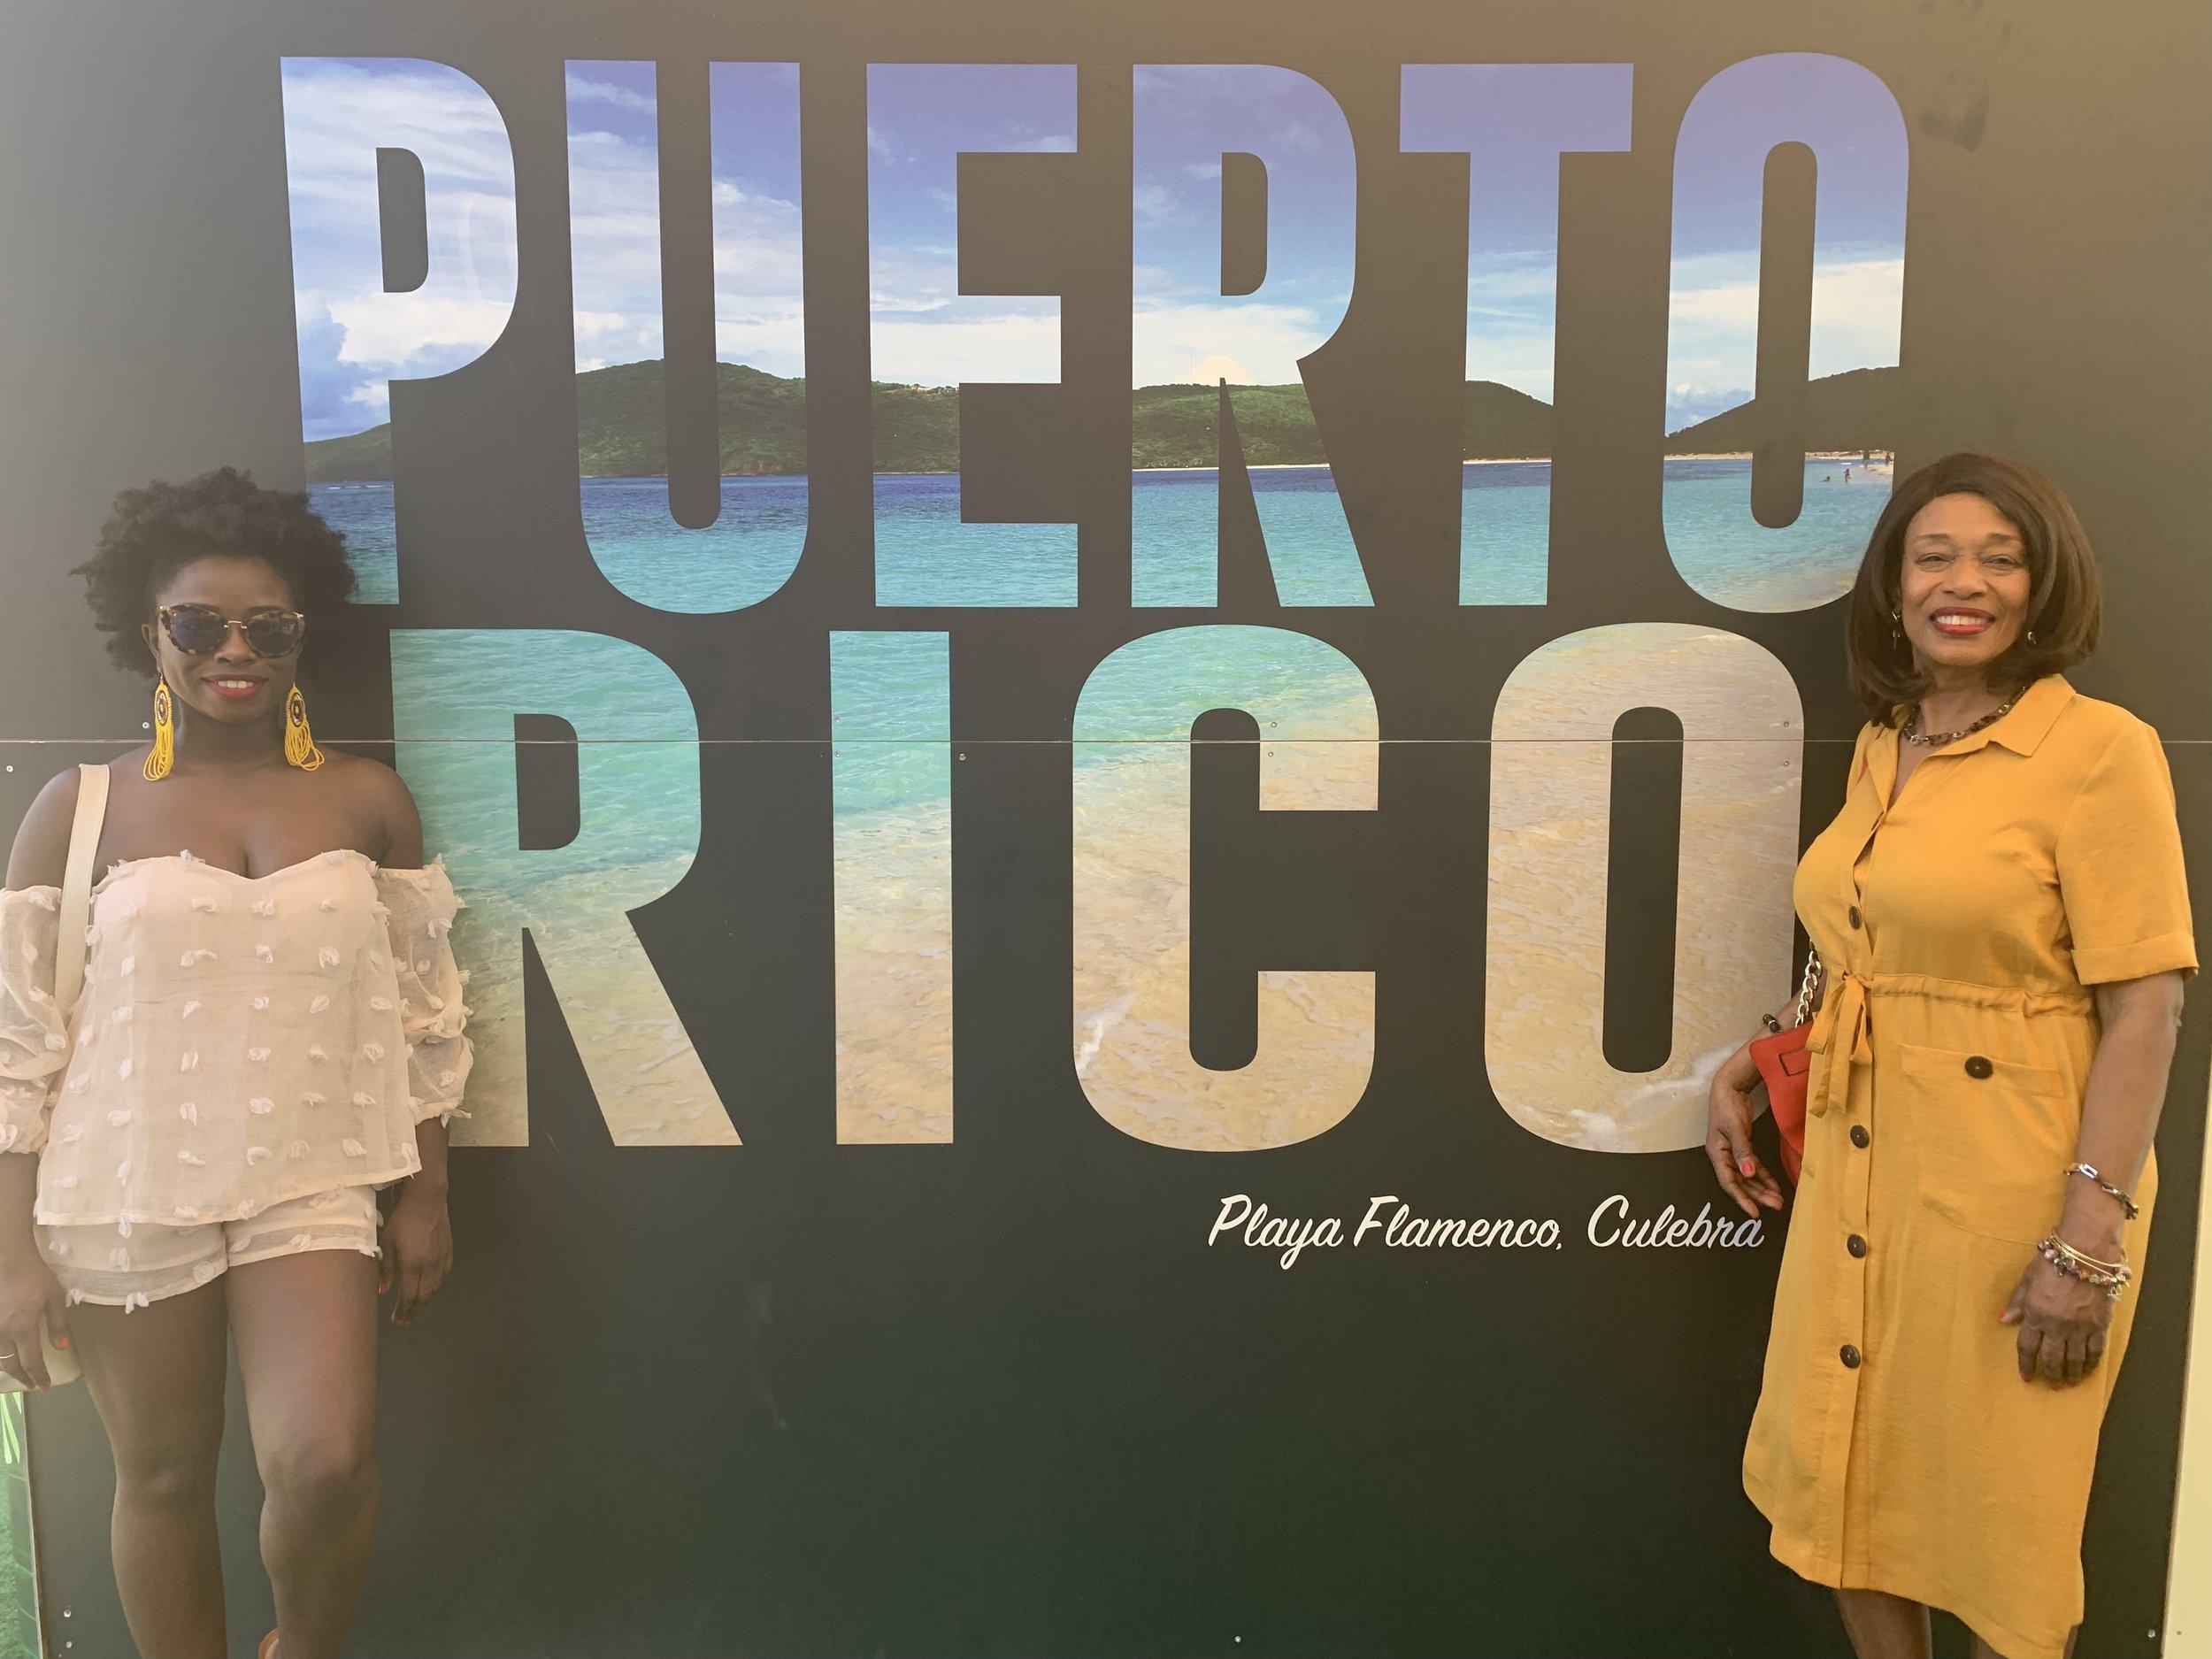 Puerto Rico - Enjoying San Juan, PR with my mother.